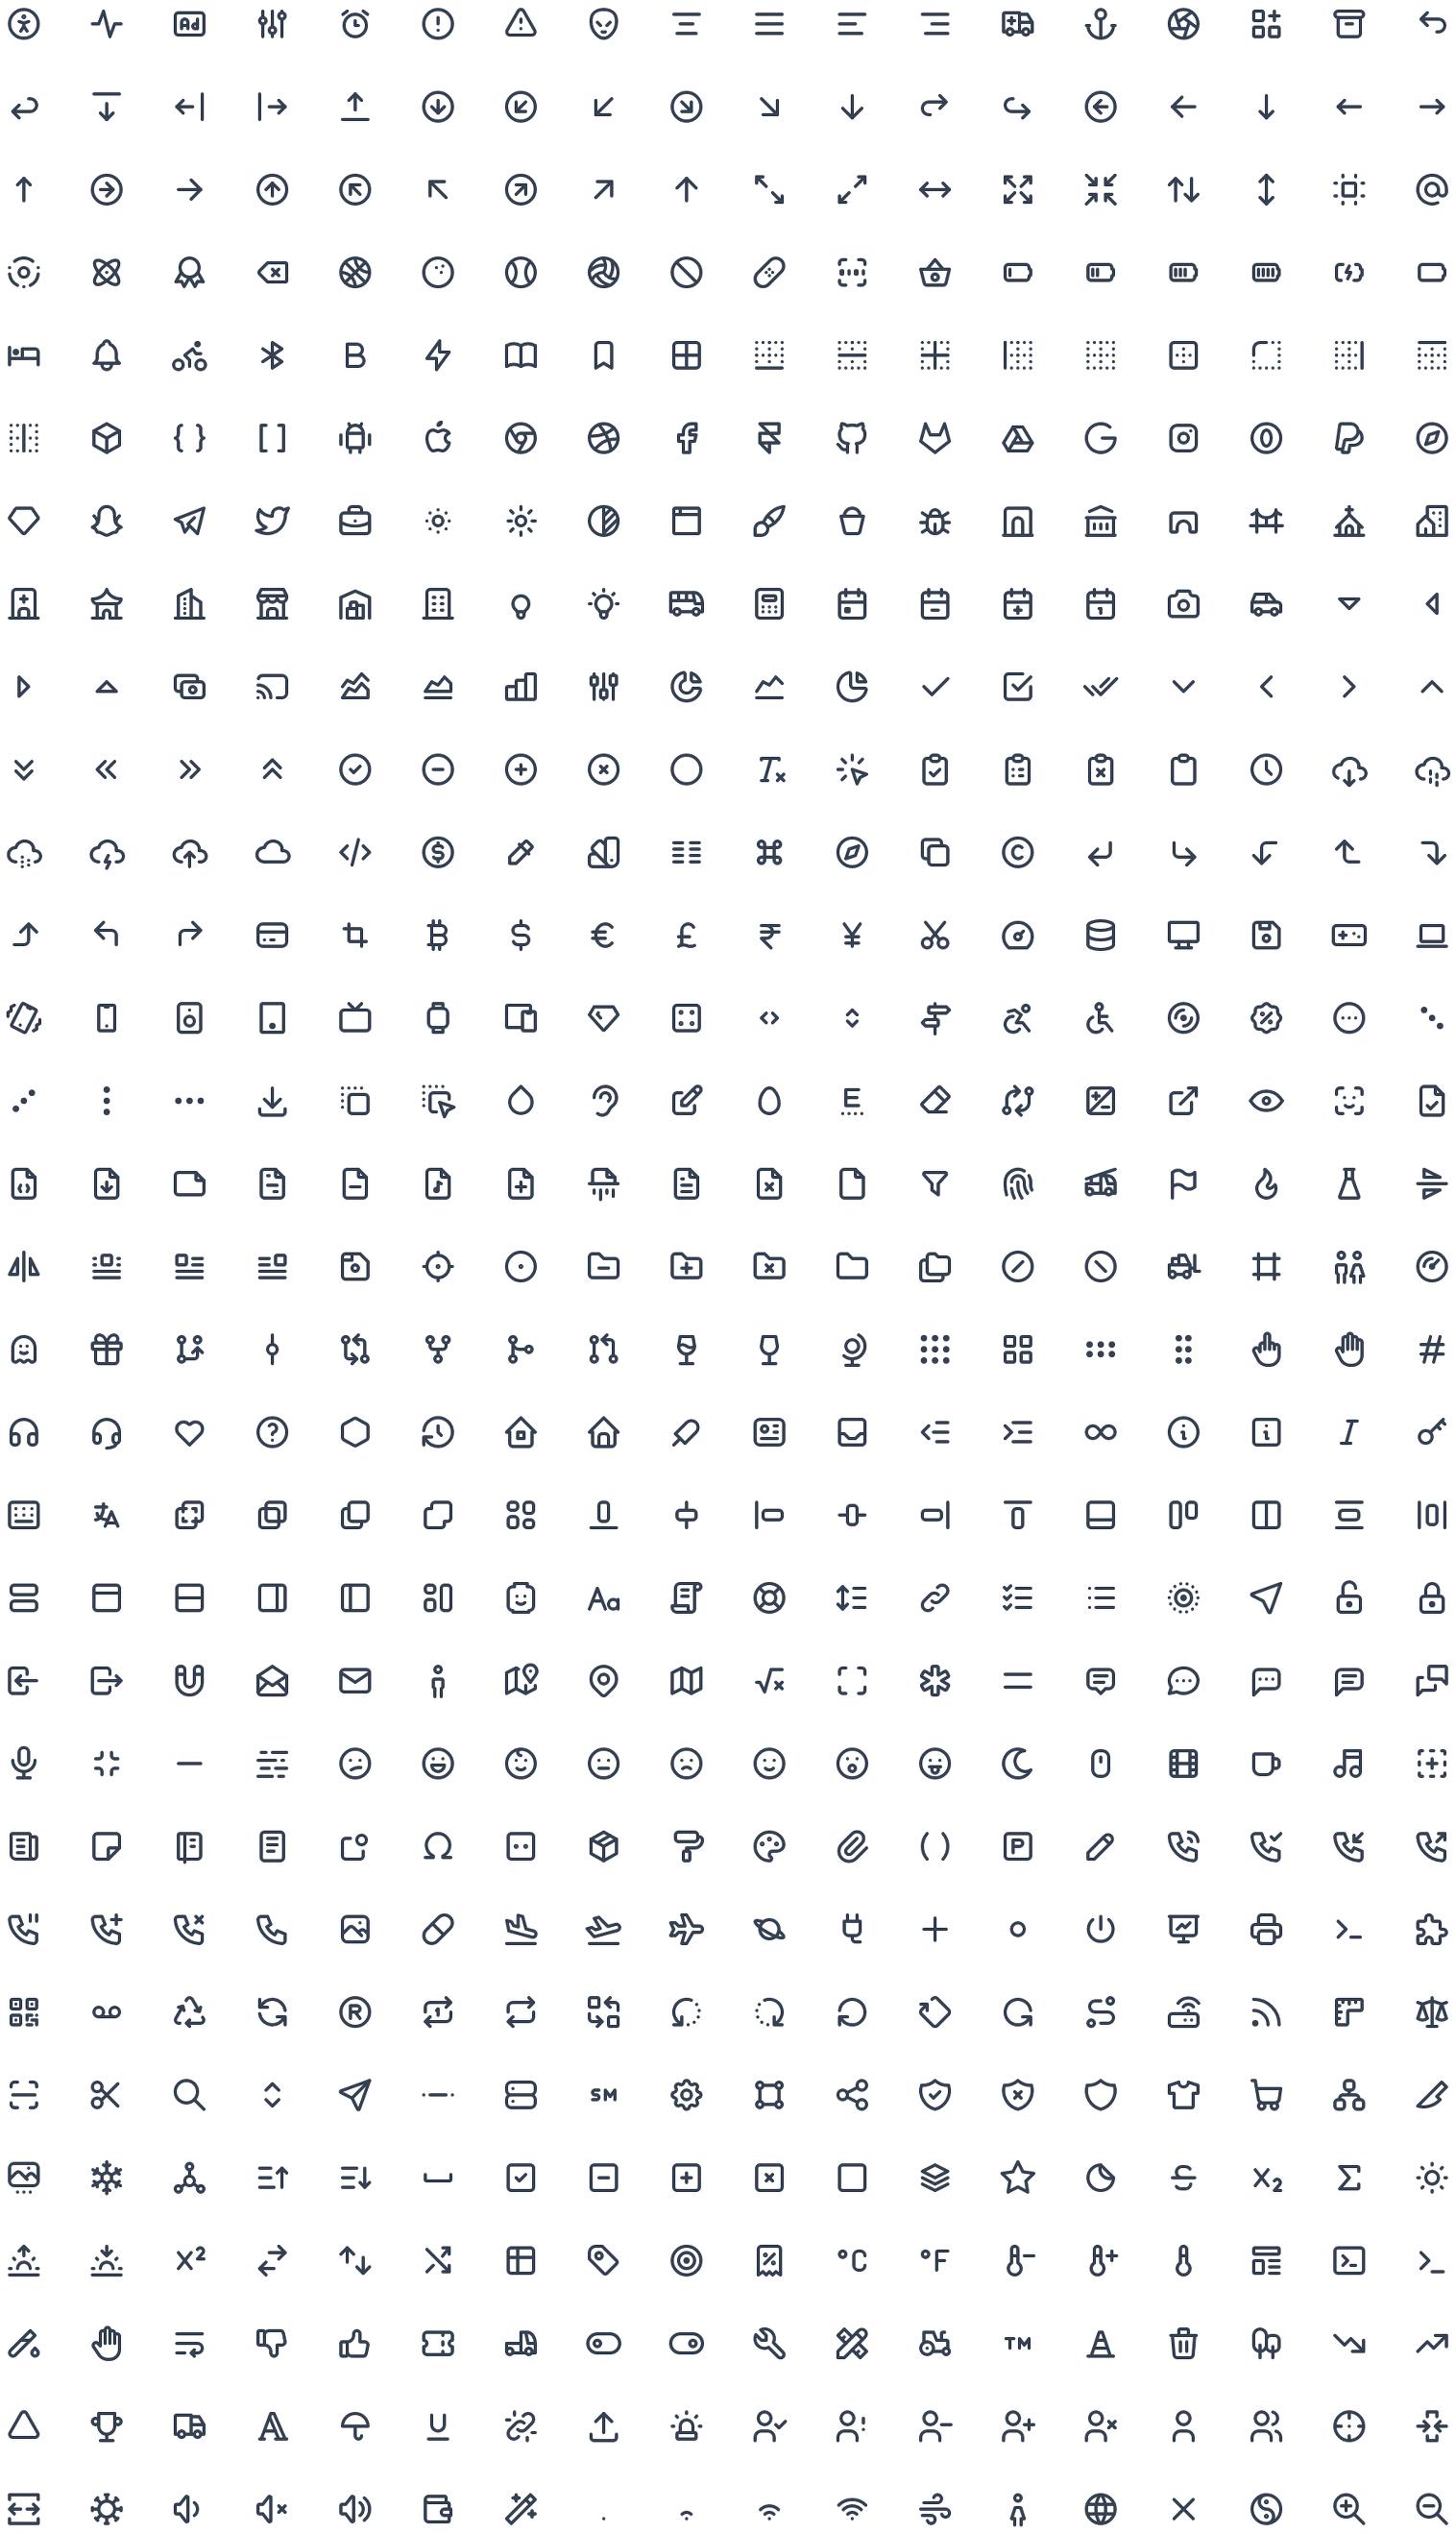 TablerIcons – 可高度定制的免费 SVG 图标库